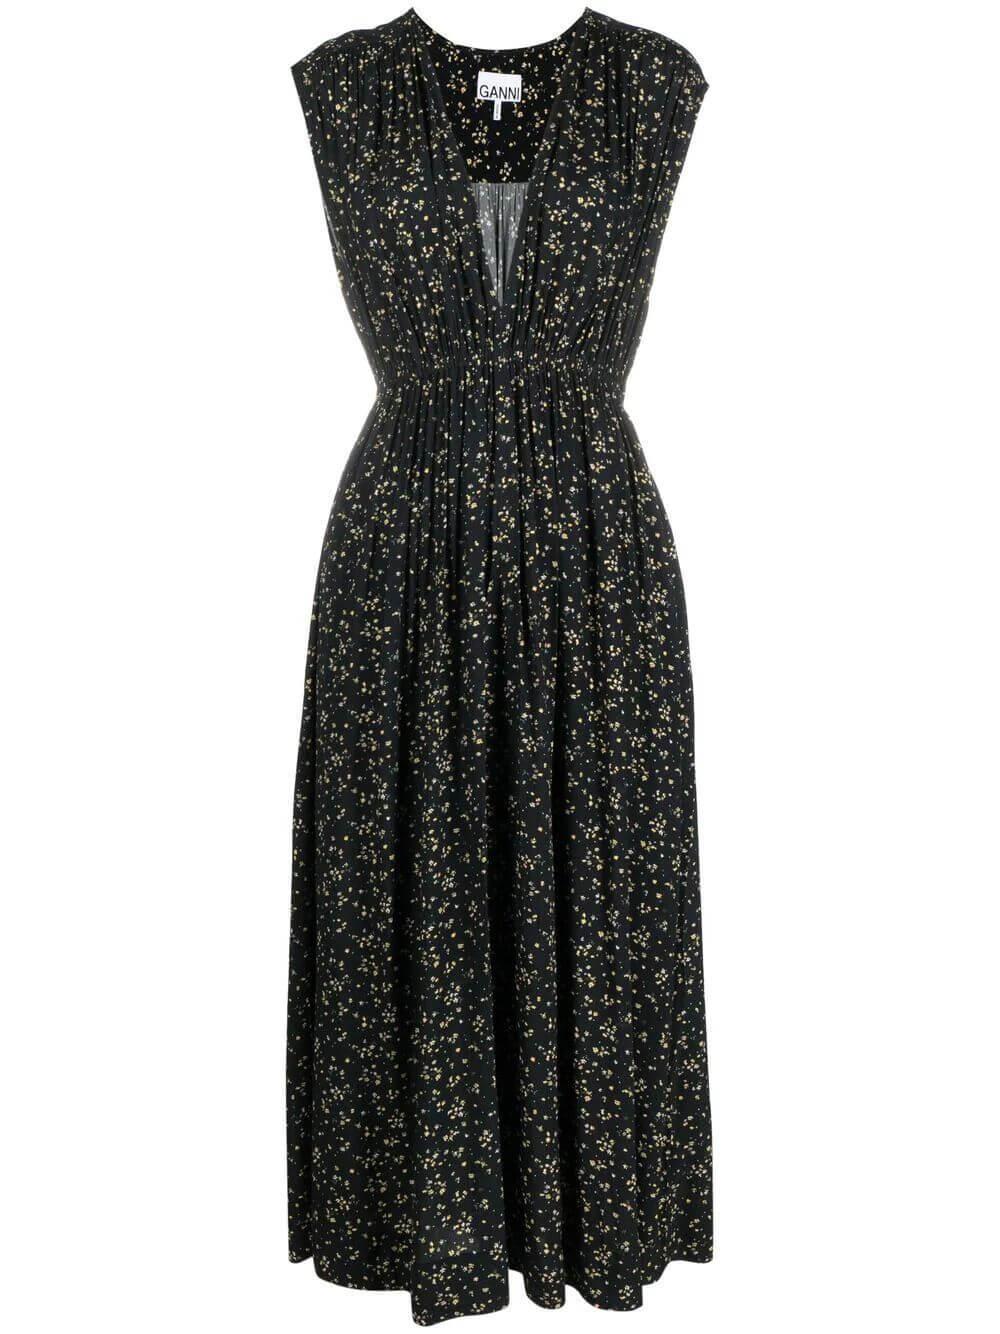 Printed Crepe Floral Dress Item # F5735